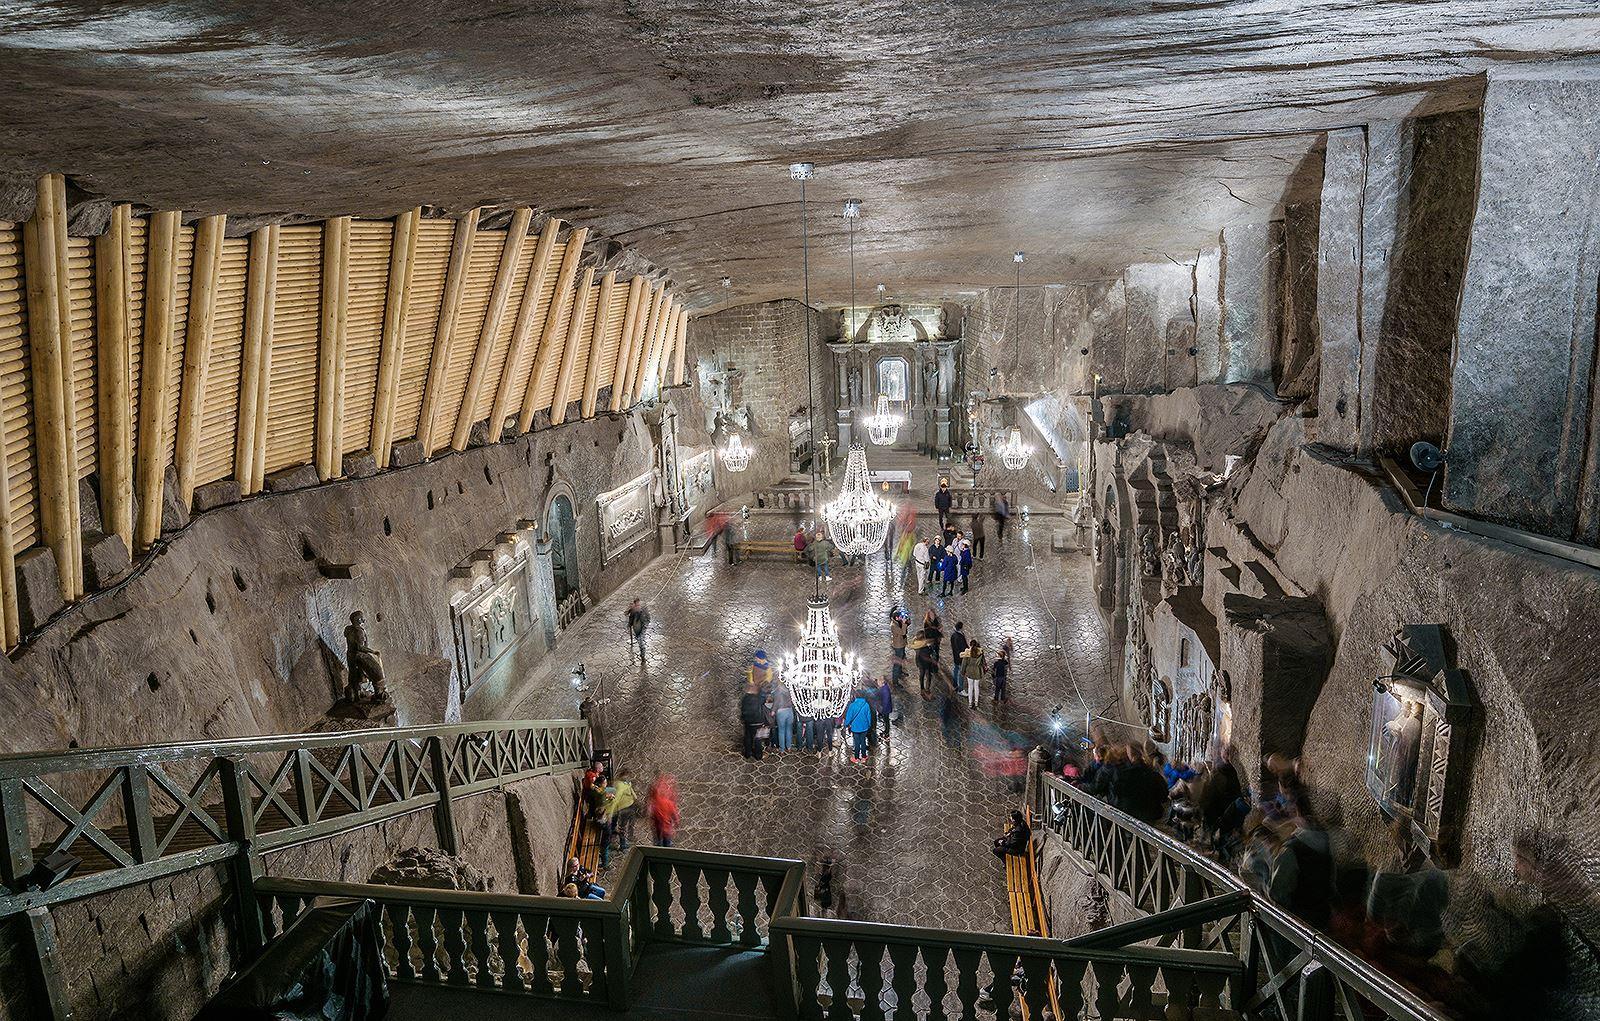 Du lịch trên những khu mỏ bỏ không Ảnh 3